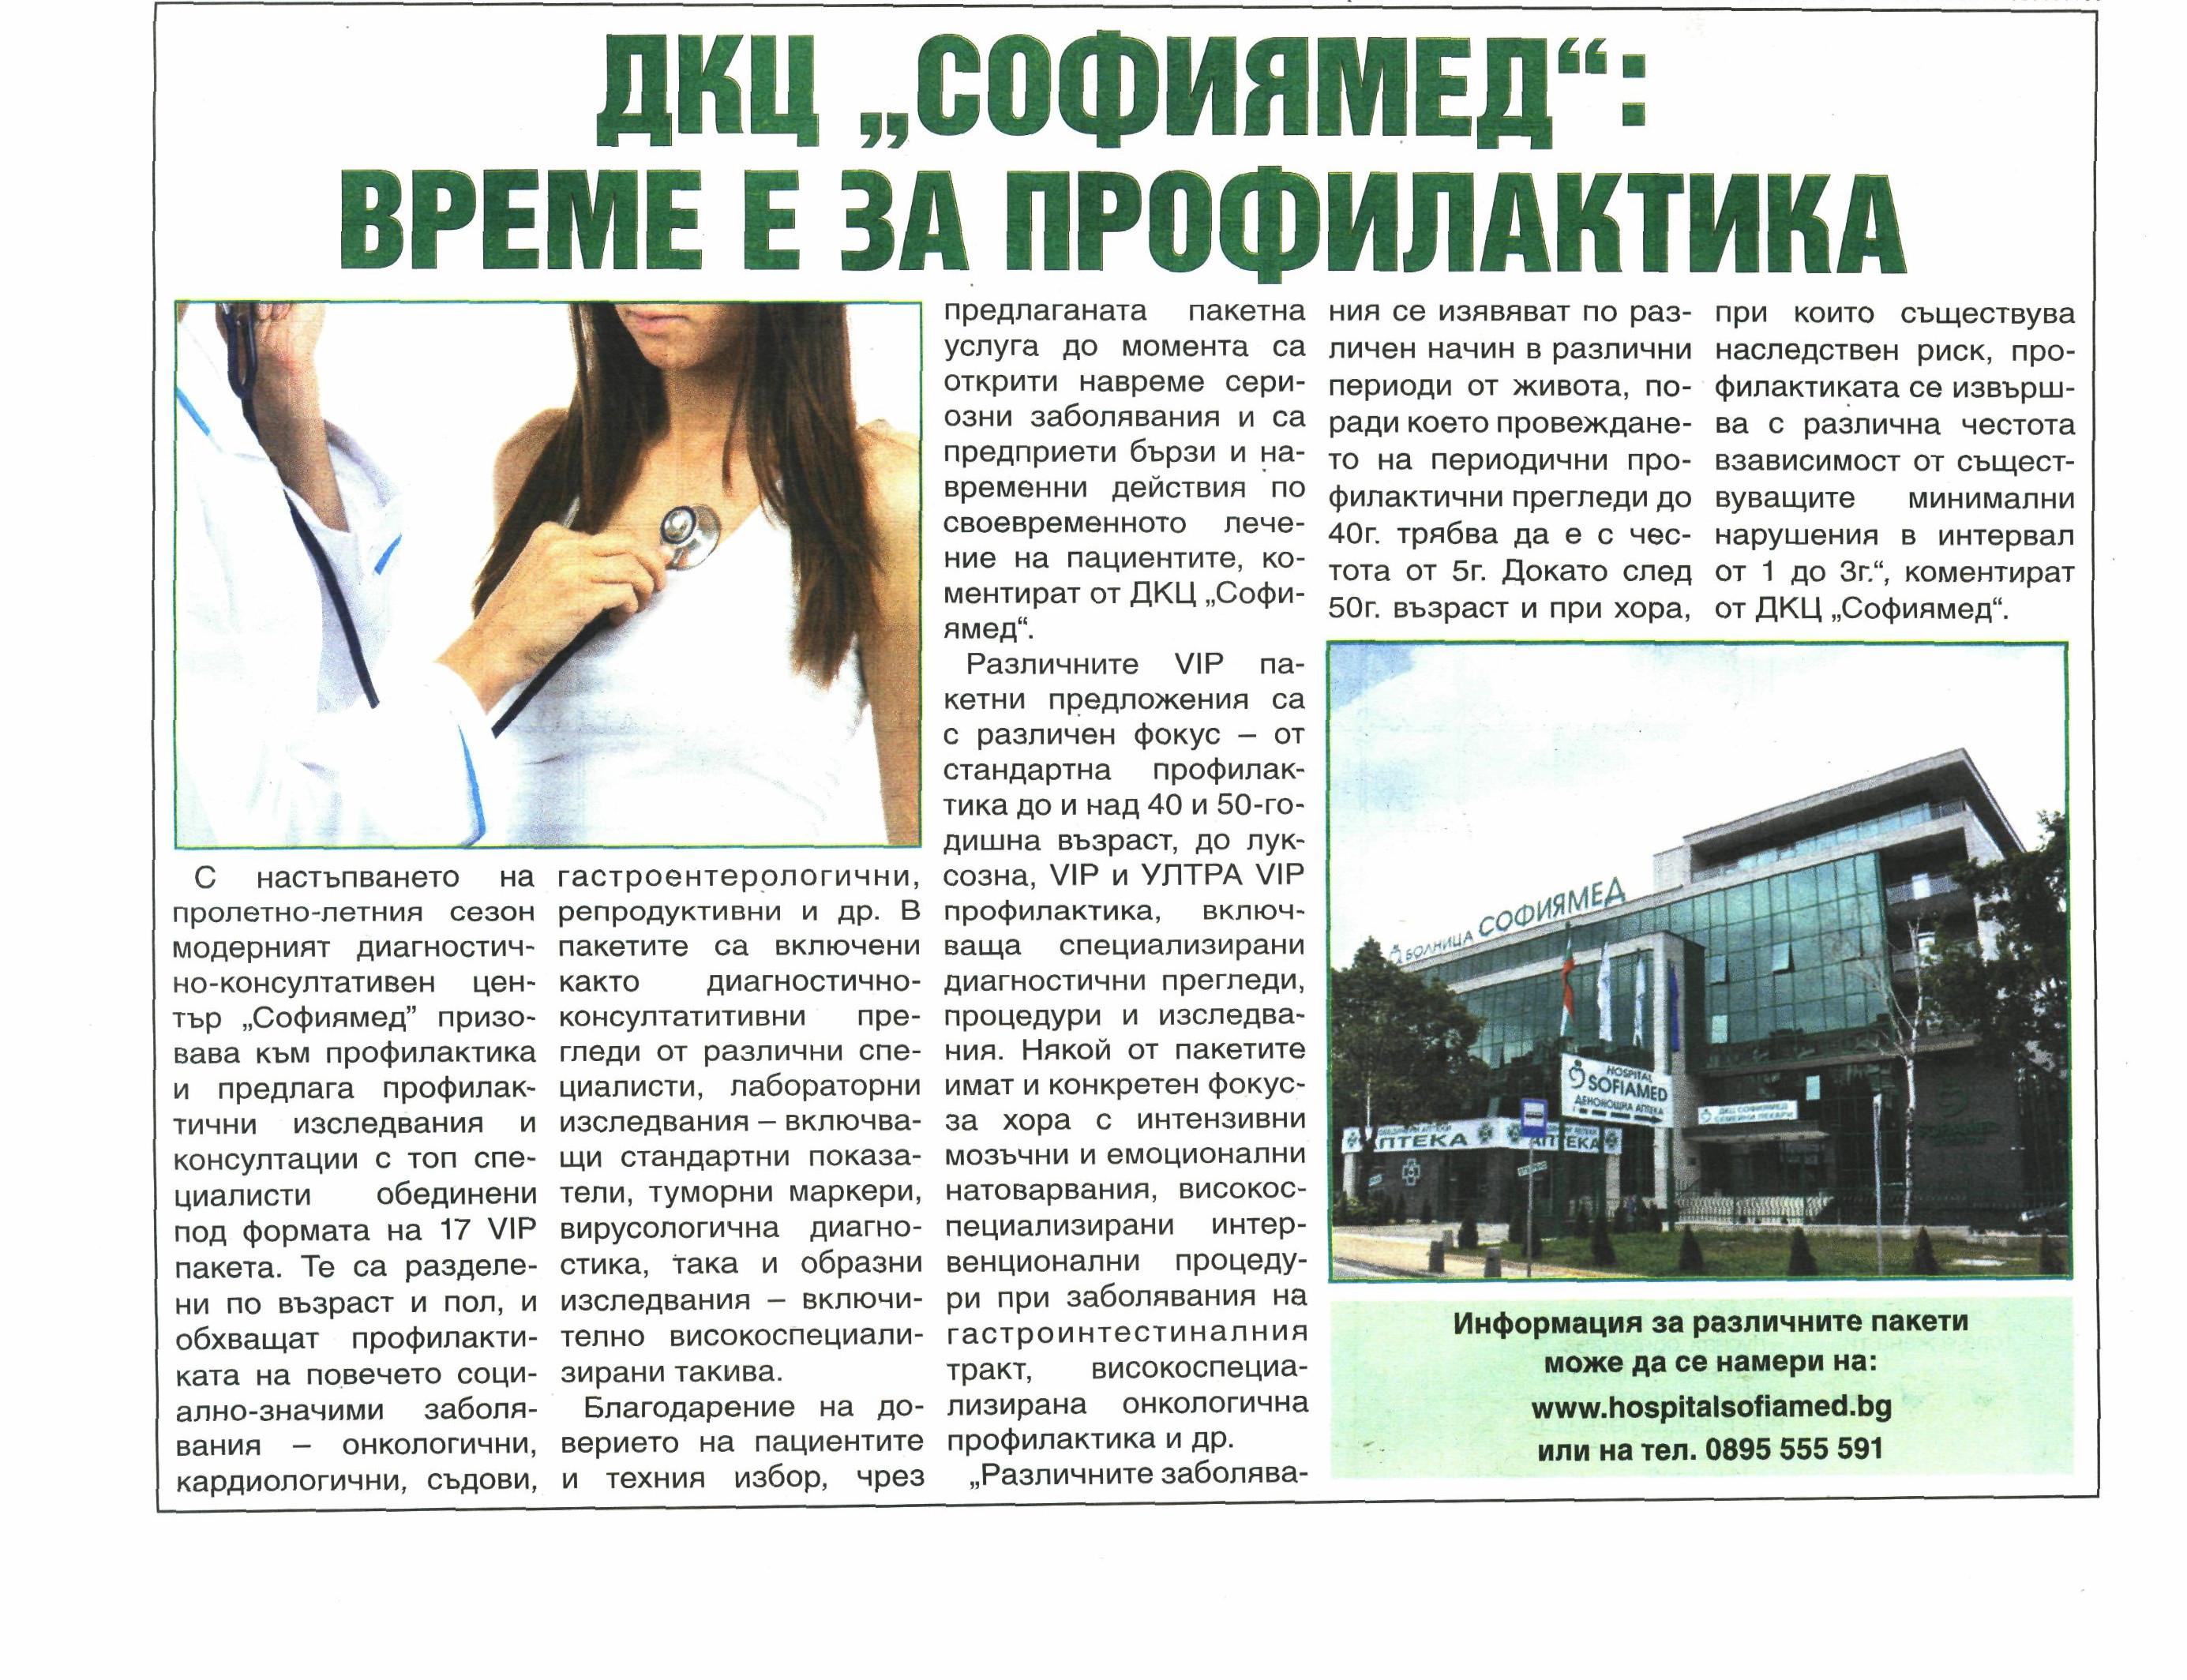 """ДКЦ """"Софиямед"""":Време е за профилактика"""